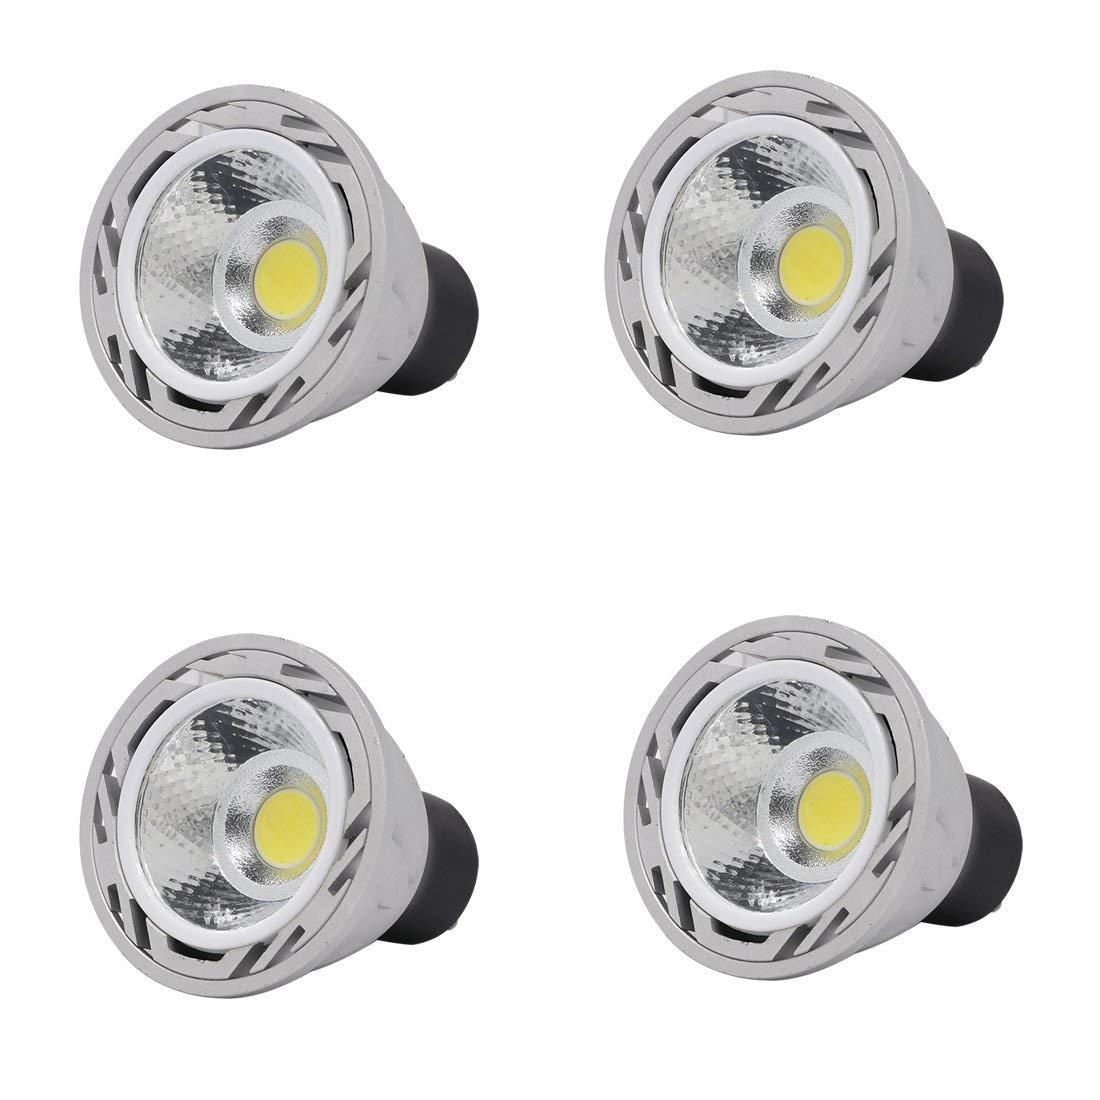 Ulight GU10 led light bulbs 5W 120V 550lm CRI 85, 50W halogen bulb equivalent, For track lighting or recessed light-pack of 4 (Daylight White 5500K)